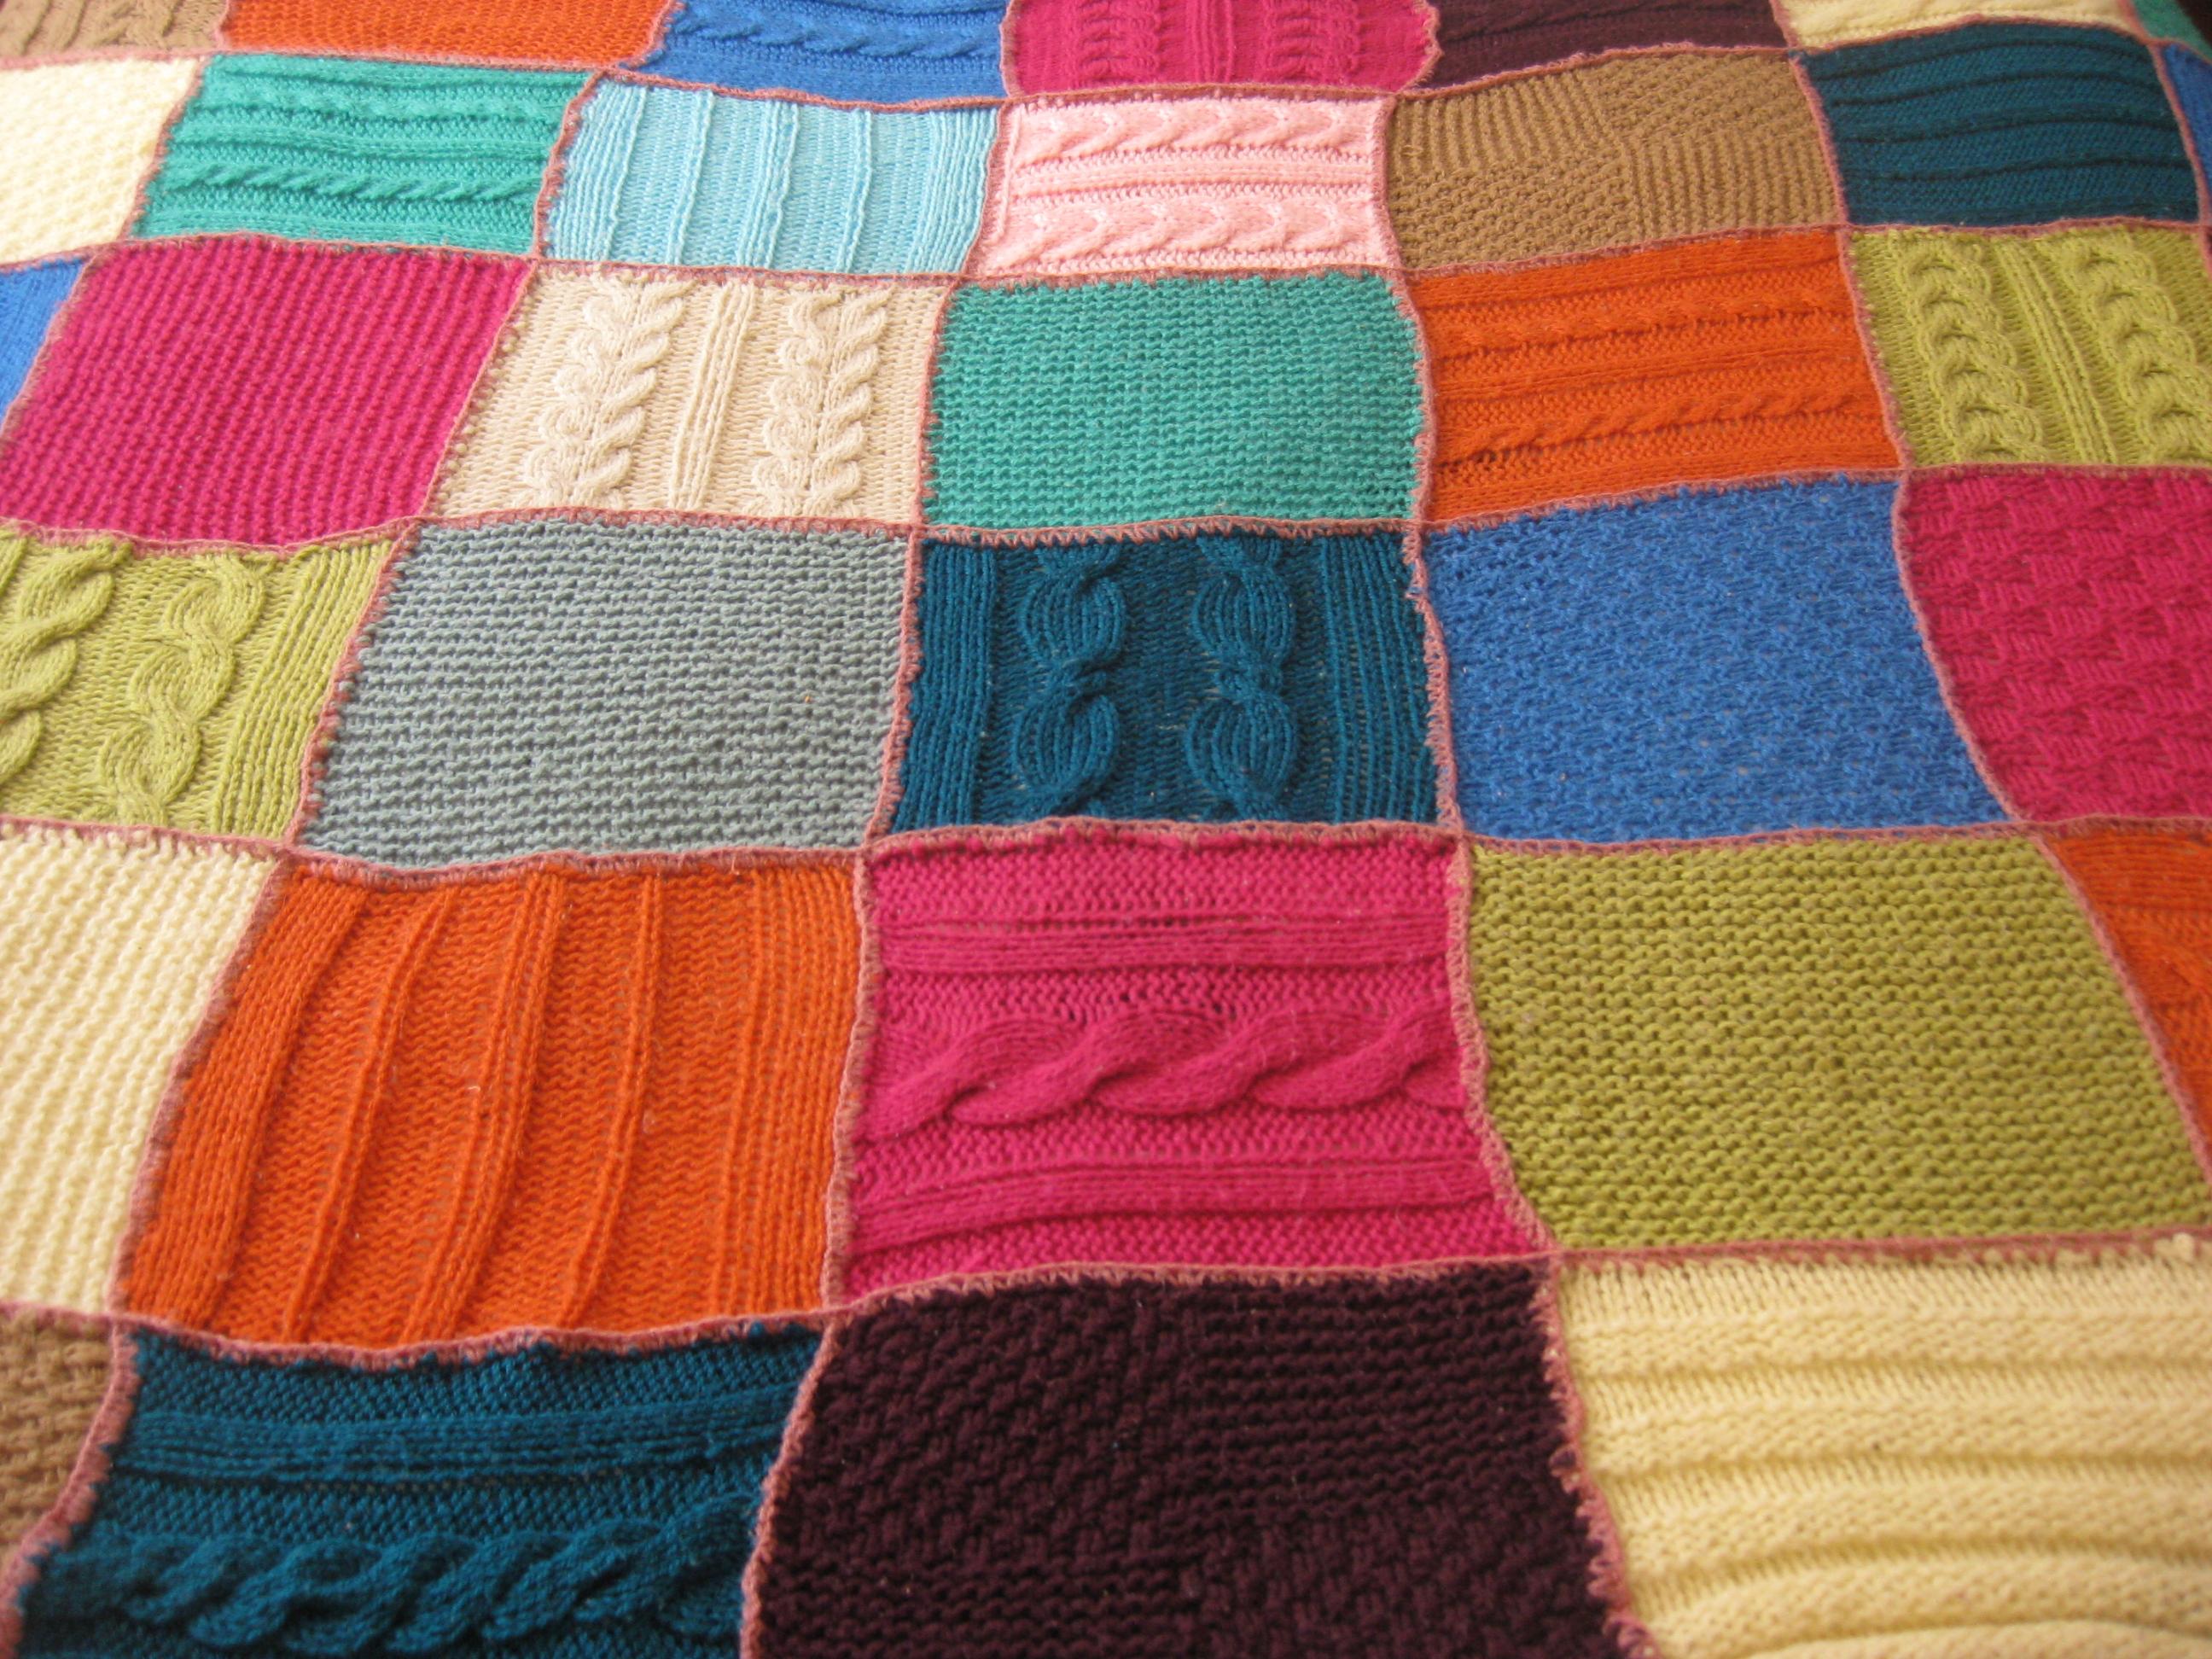 Mantas de ganchillo comoigual - Mantas ganchillo colores ...